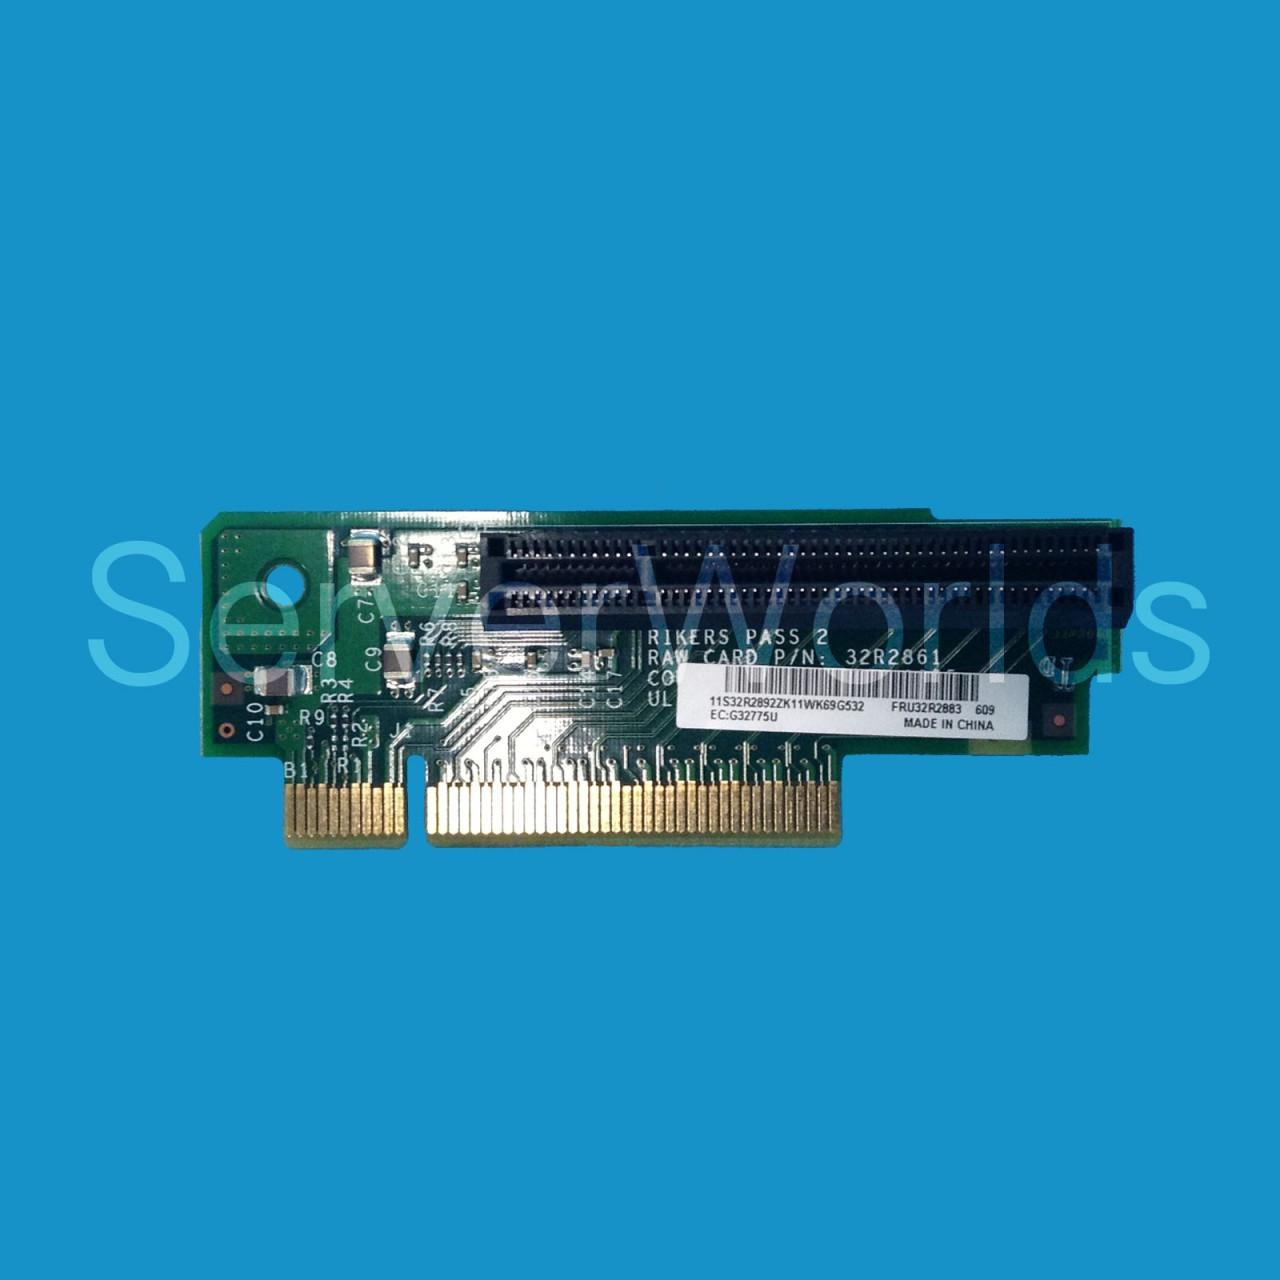 IBM 32R2883 Pci Express Riser Card X3550